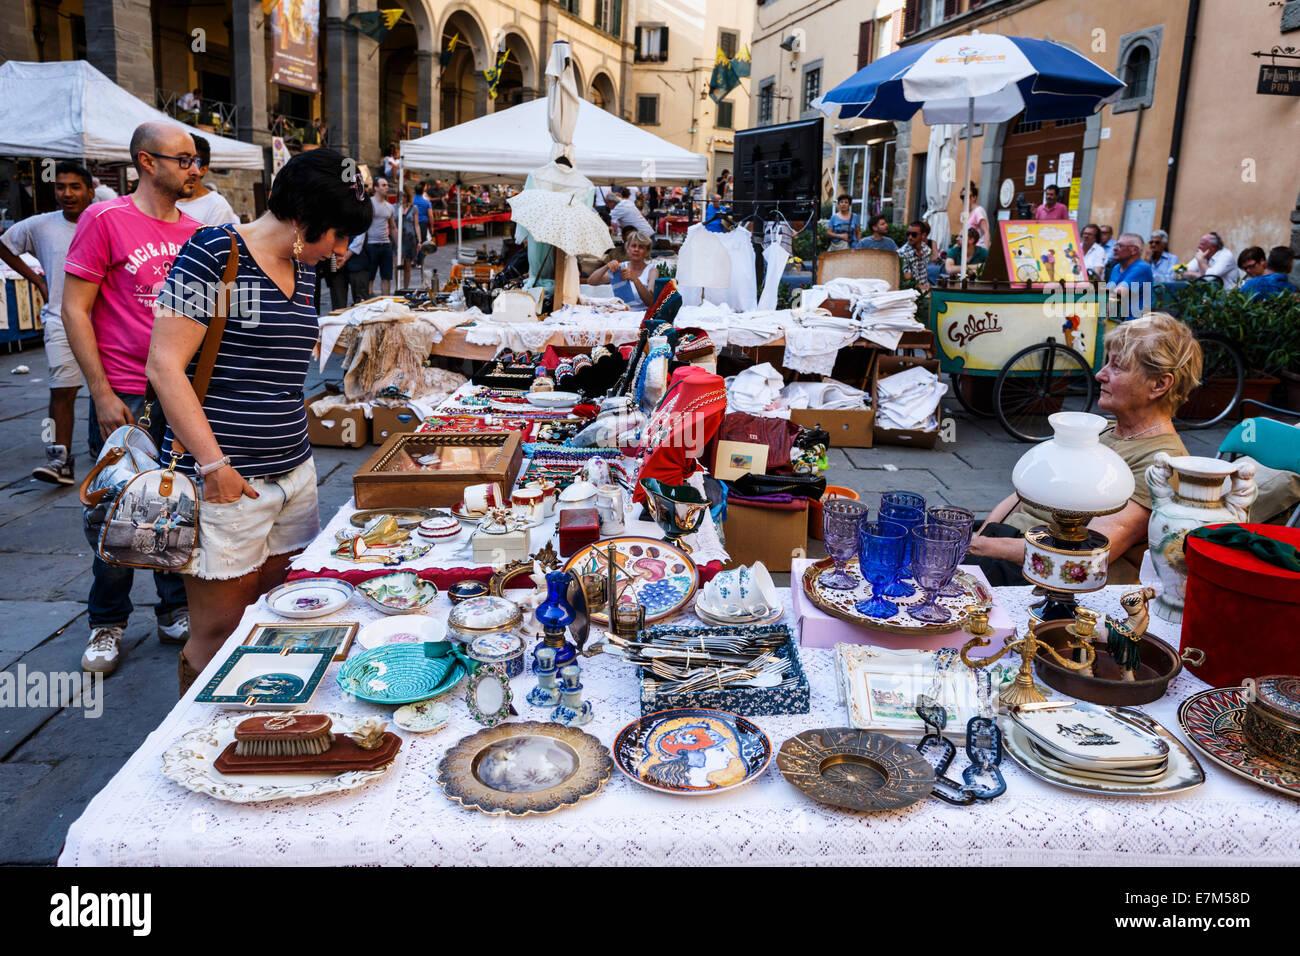 Flea market in Cortona, Tuscany, Italy. - Stock Image